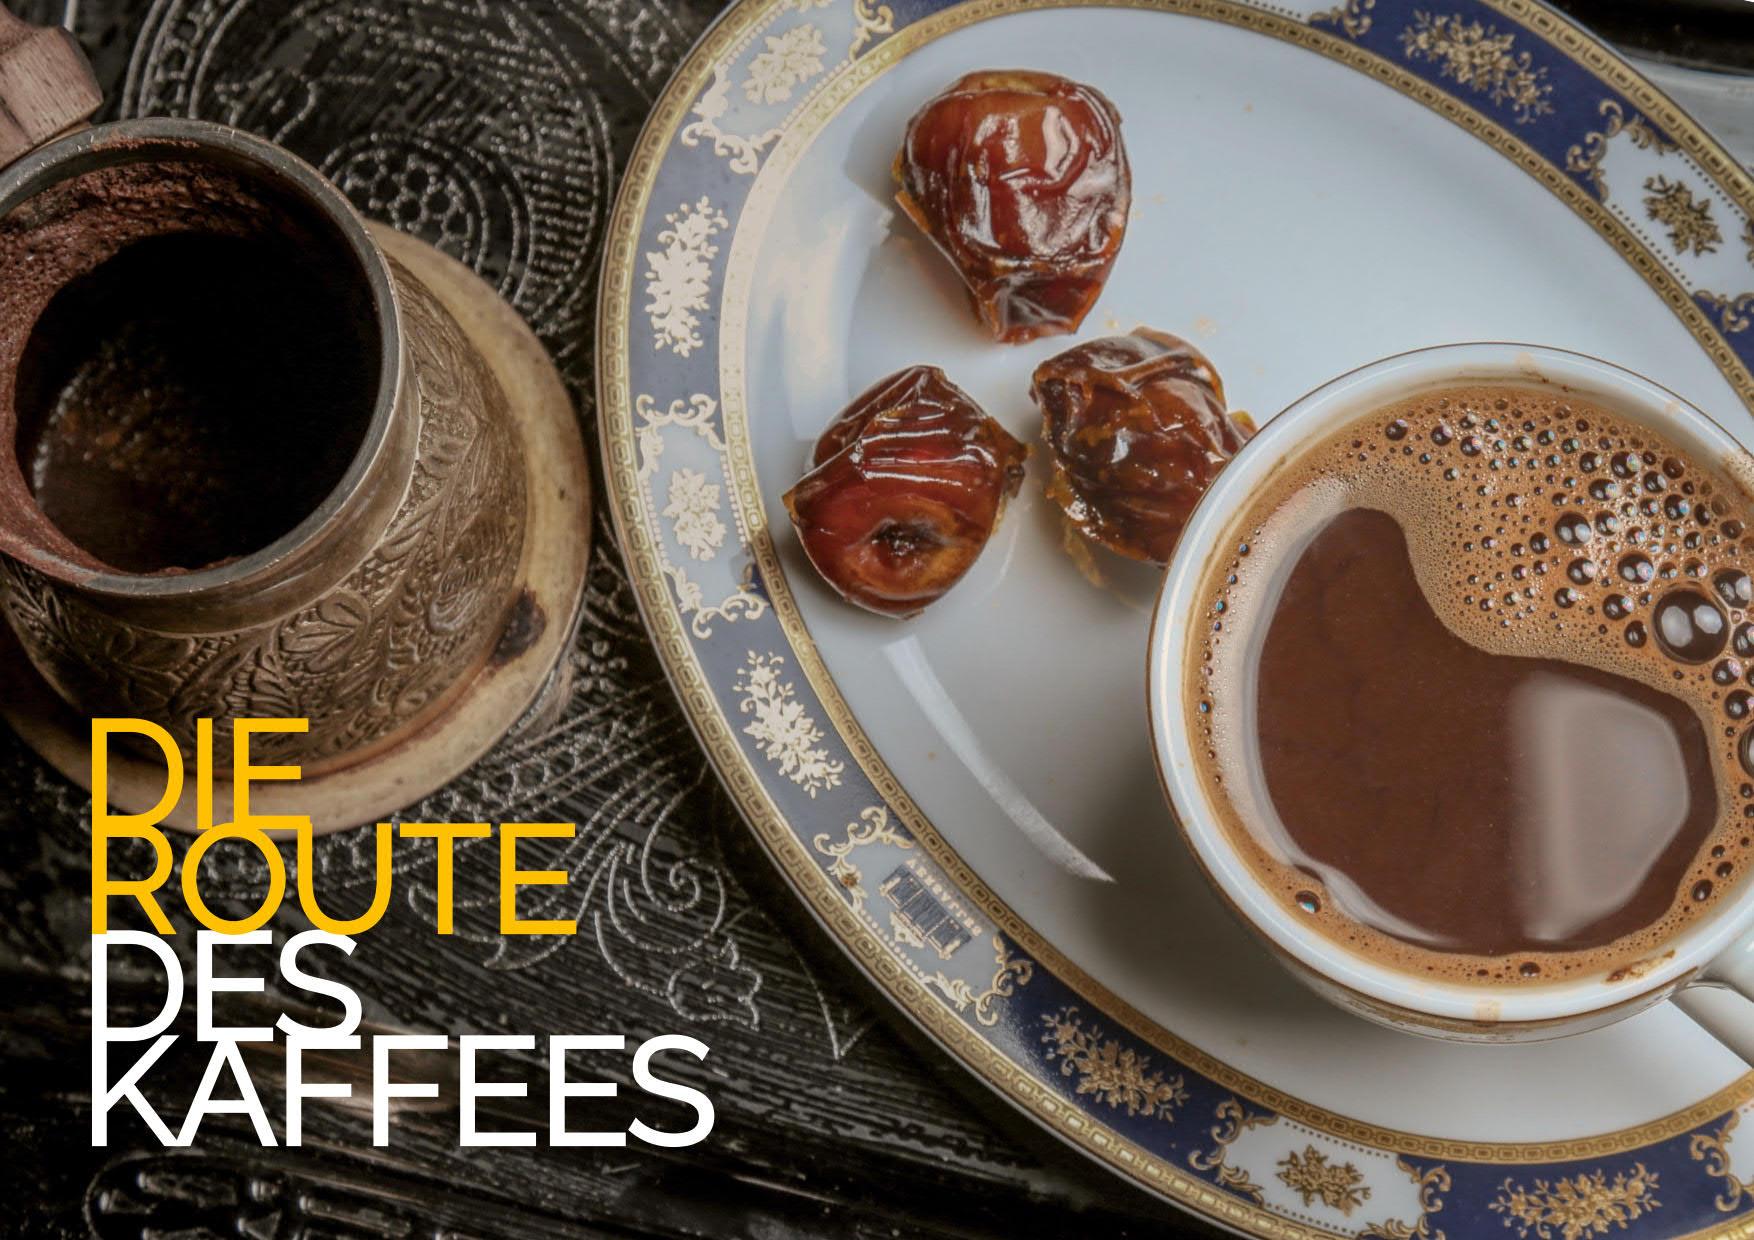 Konzertprogramm: Die Route Des Kaffees